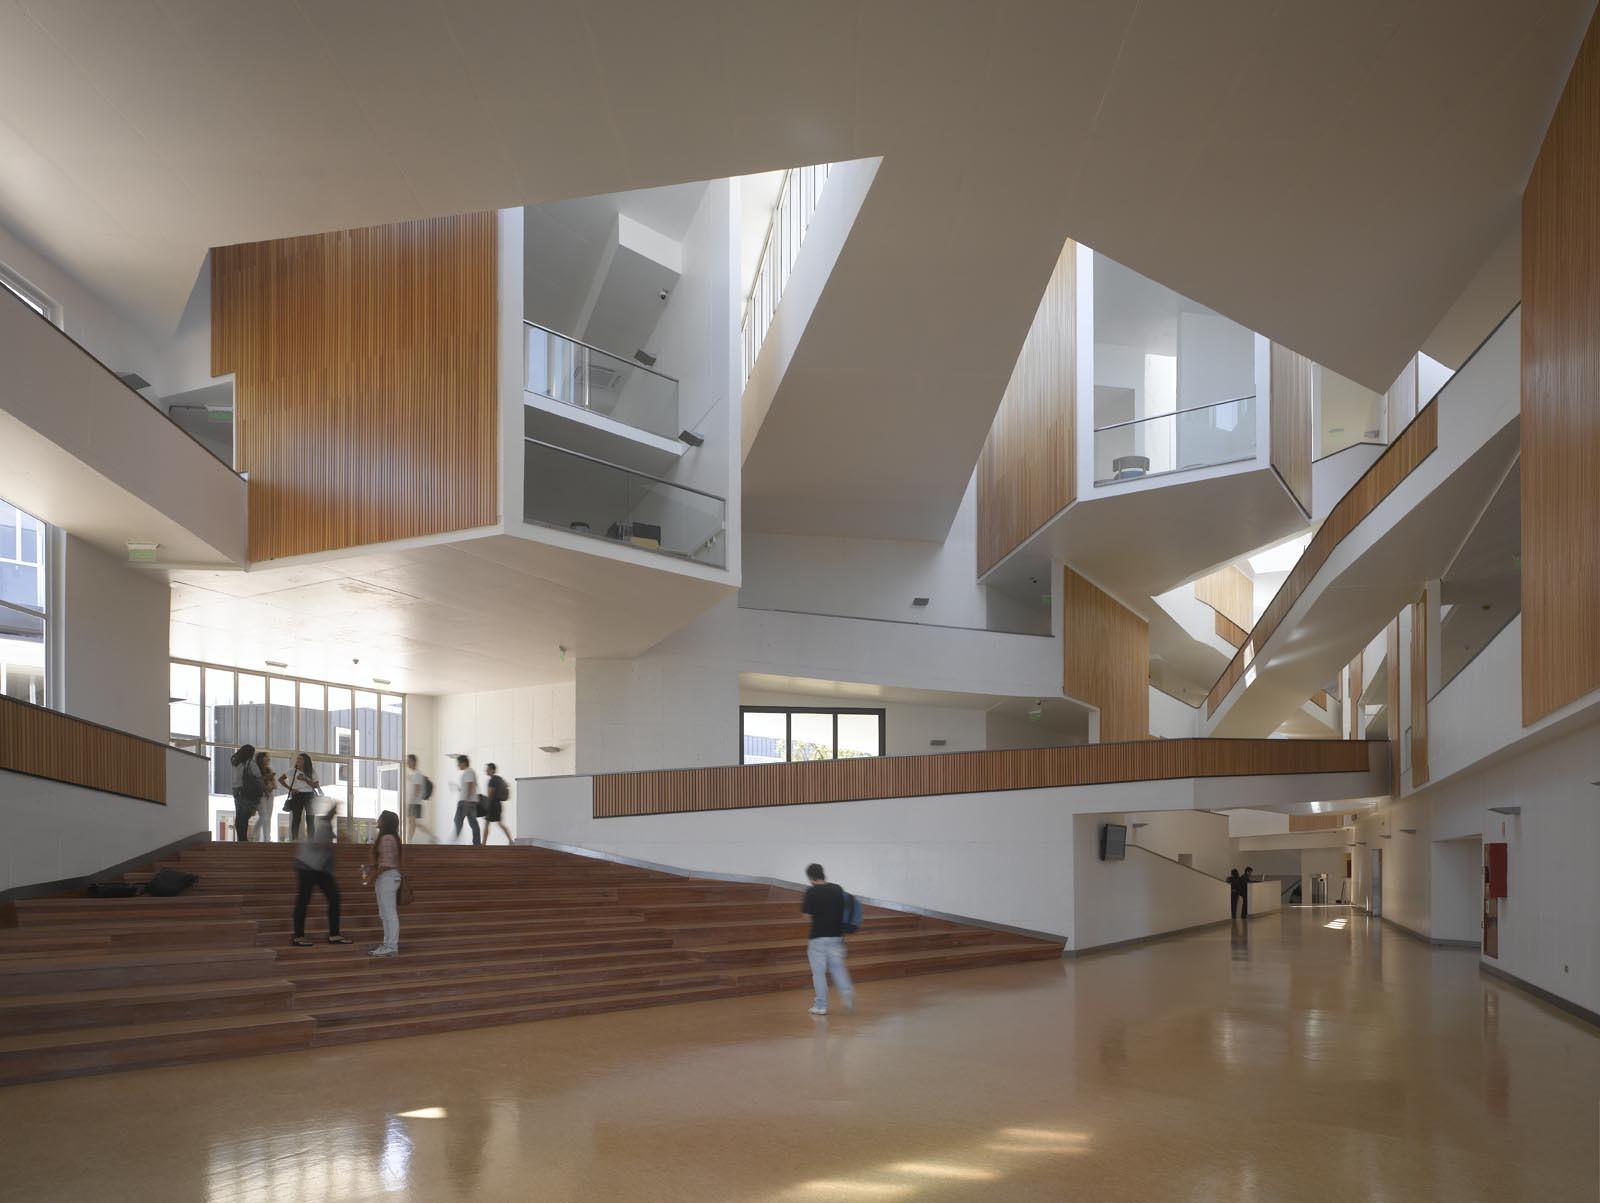 Galer a de arquitectura del campus universidad adolfo - Que es un porche en arquitectura ...